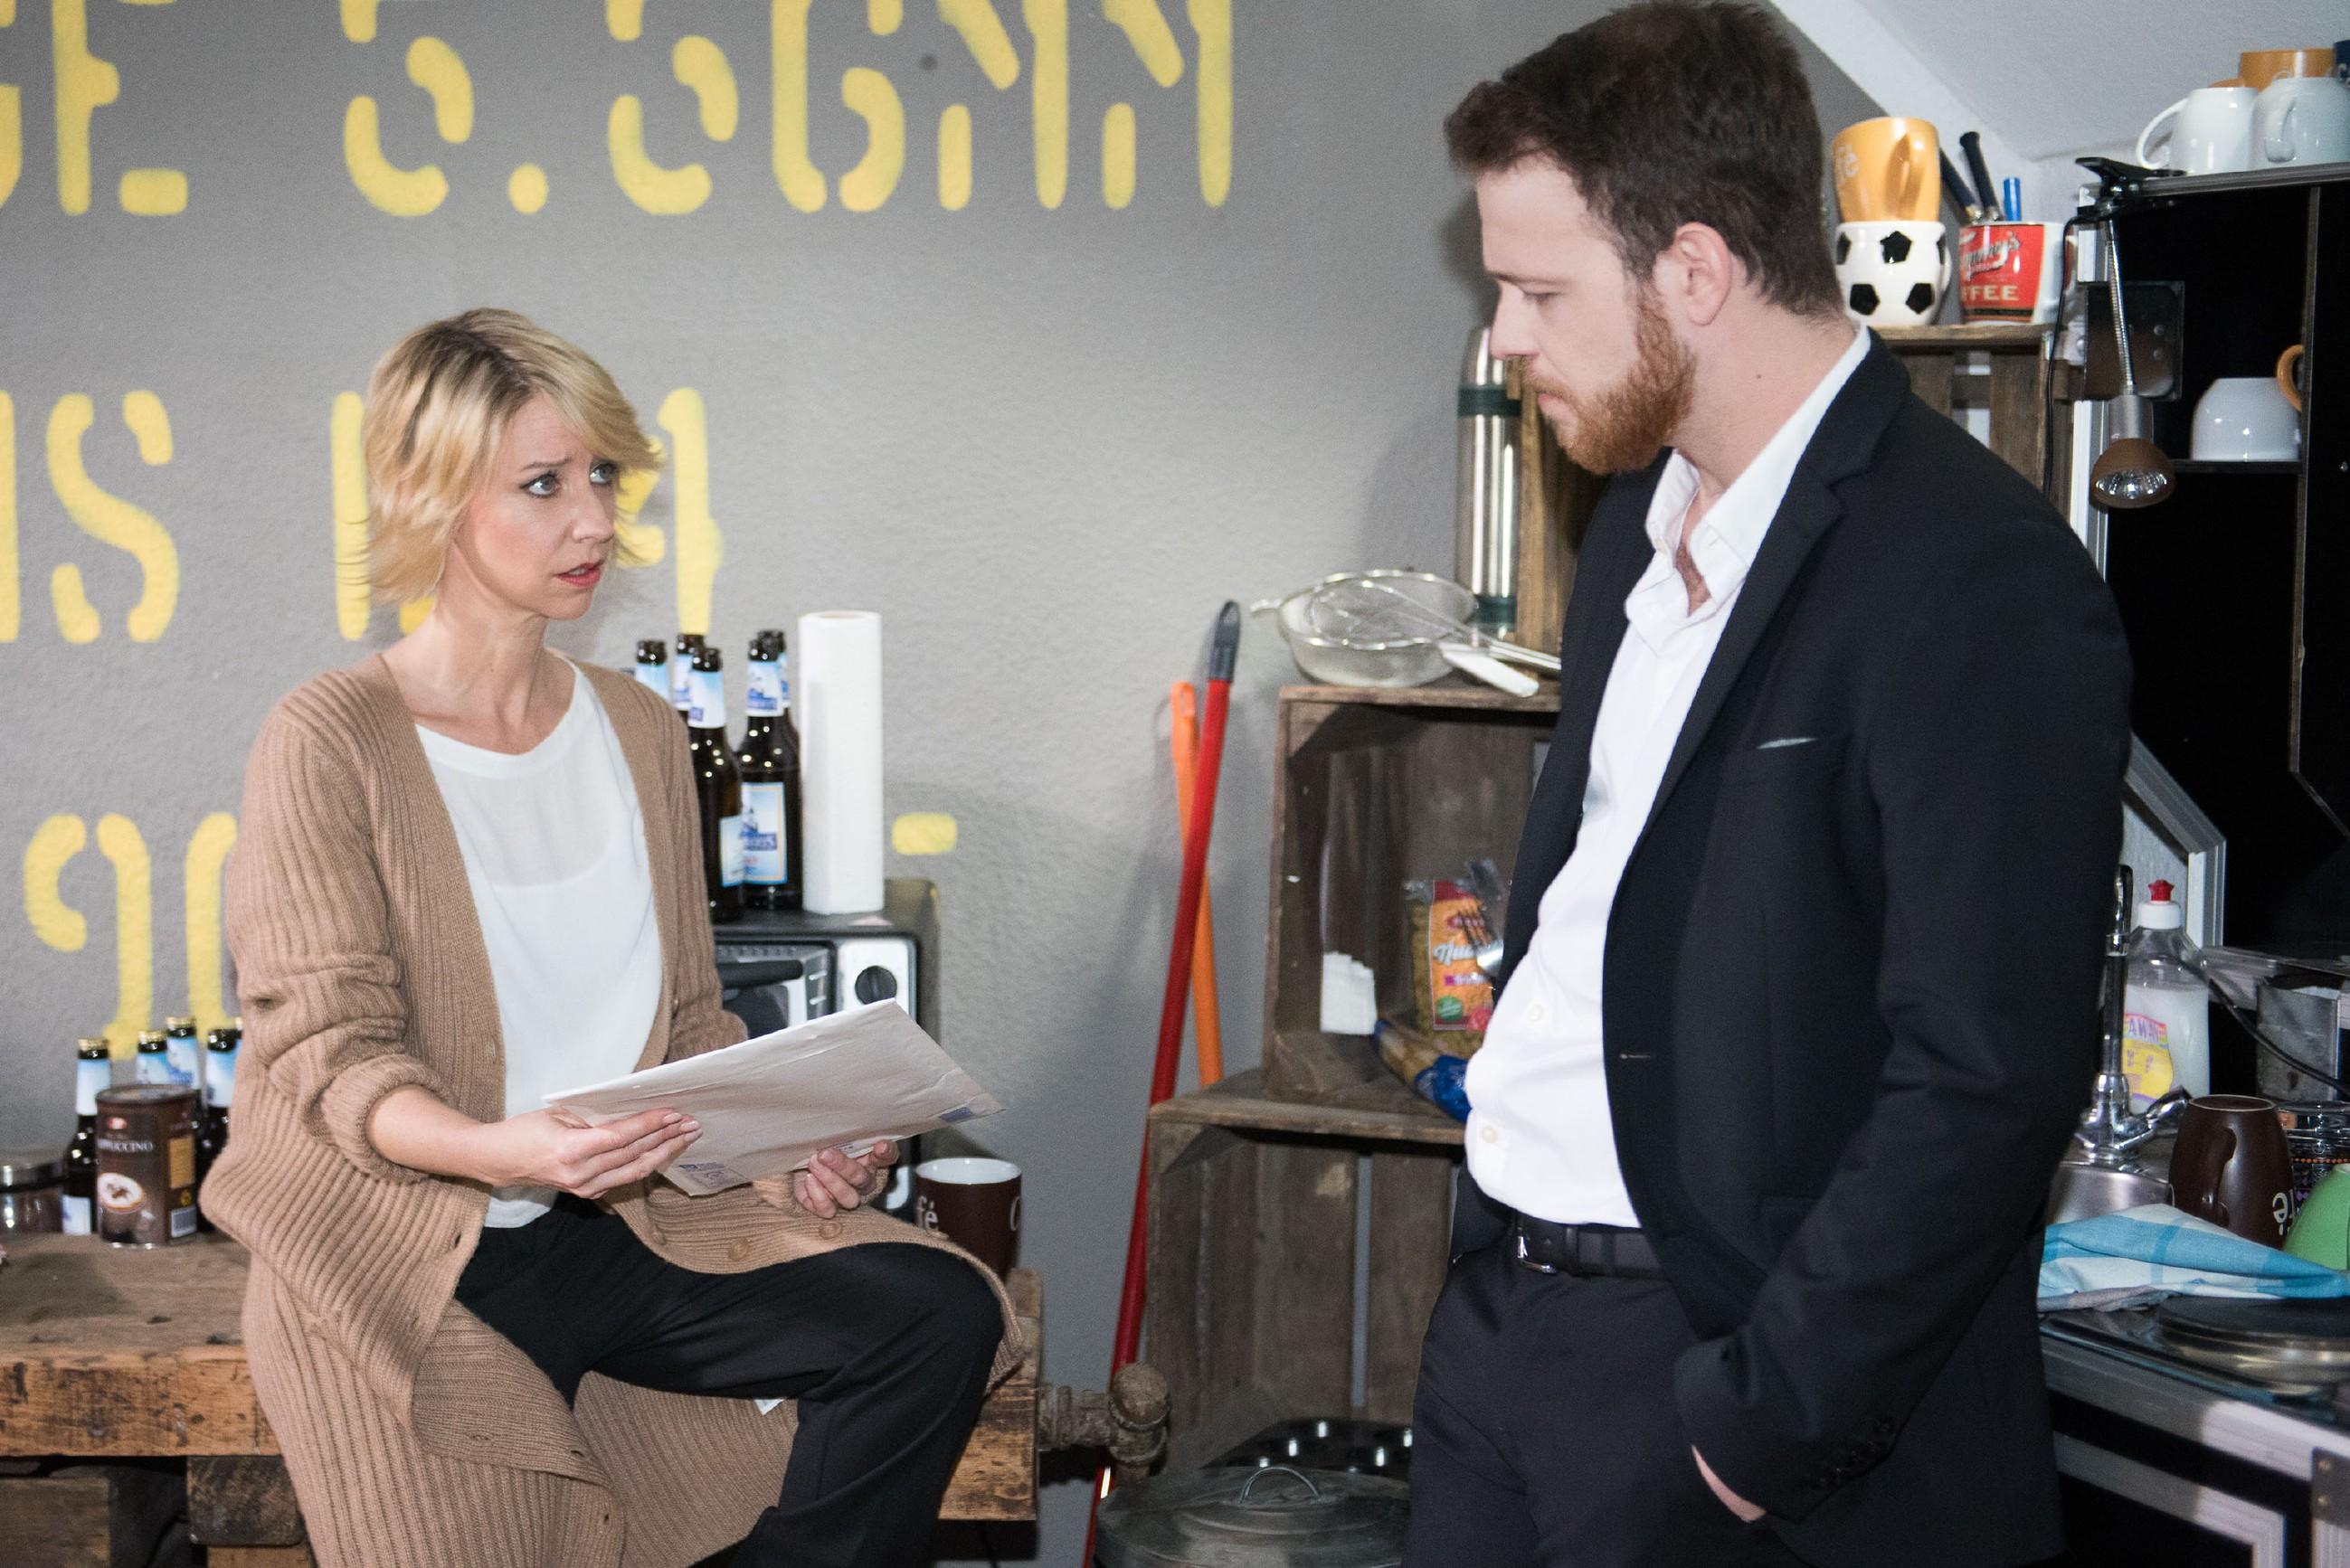 Als Tobias (Patrick Müller) Ute (Isabell Hertel) rät, alle noch bestehenden Verbindungen zu Henning endlich zu kappen, erhält er selbst eine Postsendung, die ihn unvermittelt in die Vergangenheit zurückwirft: Micki bittet um die Scheidung... (Quelle: RTL / Stefan Behrens)